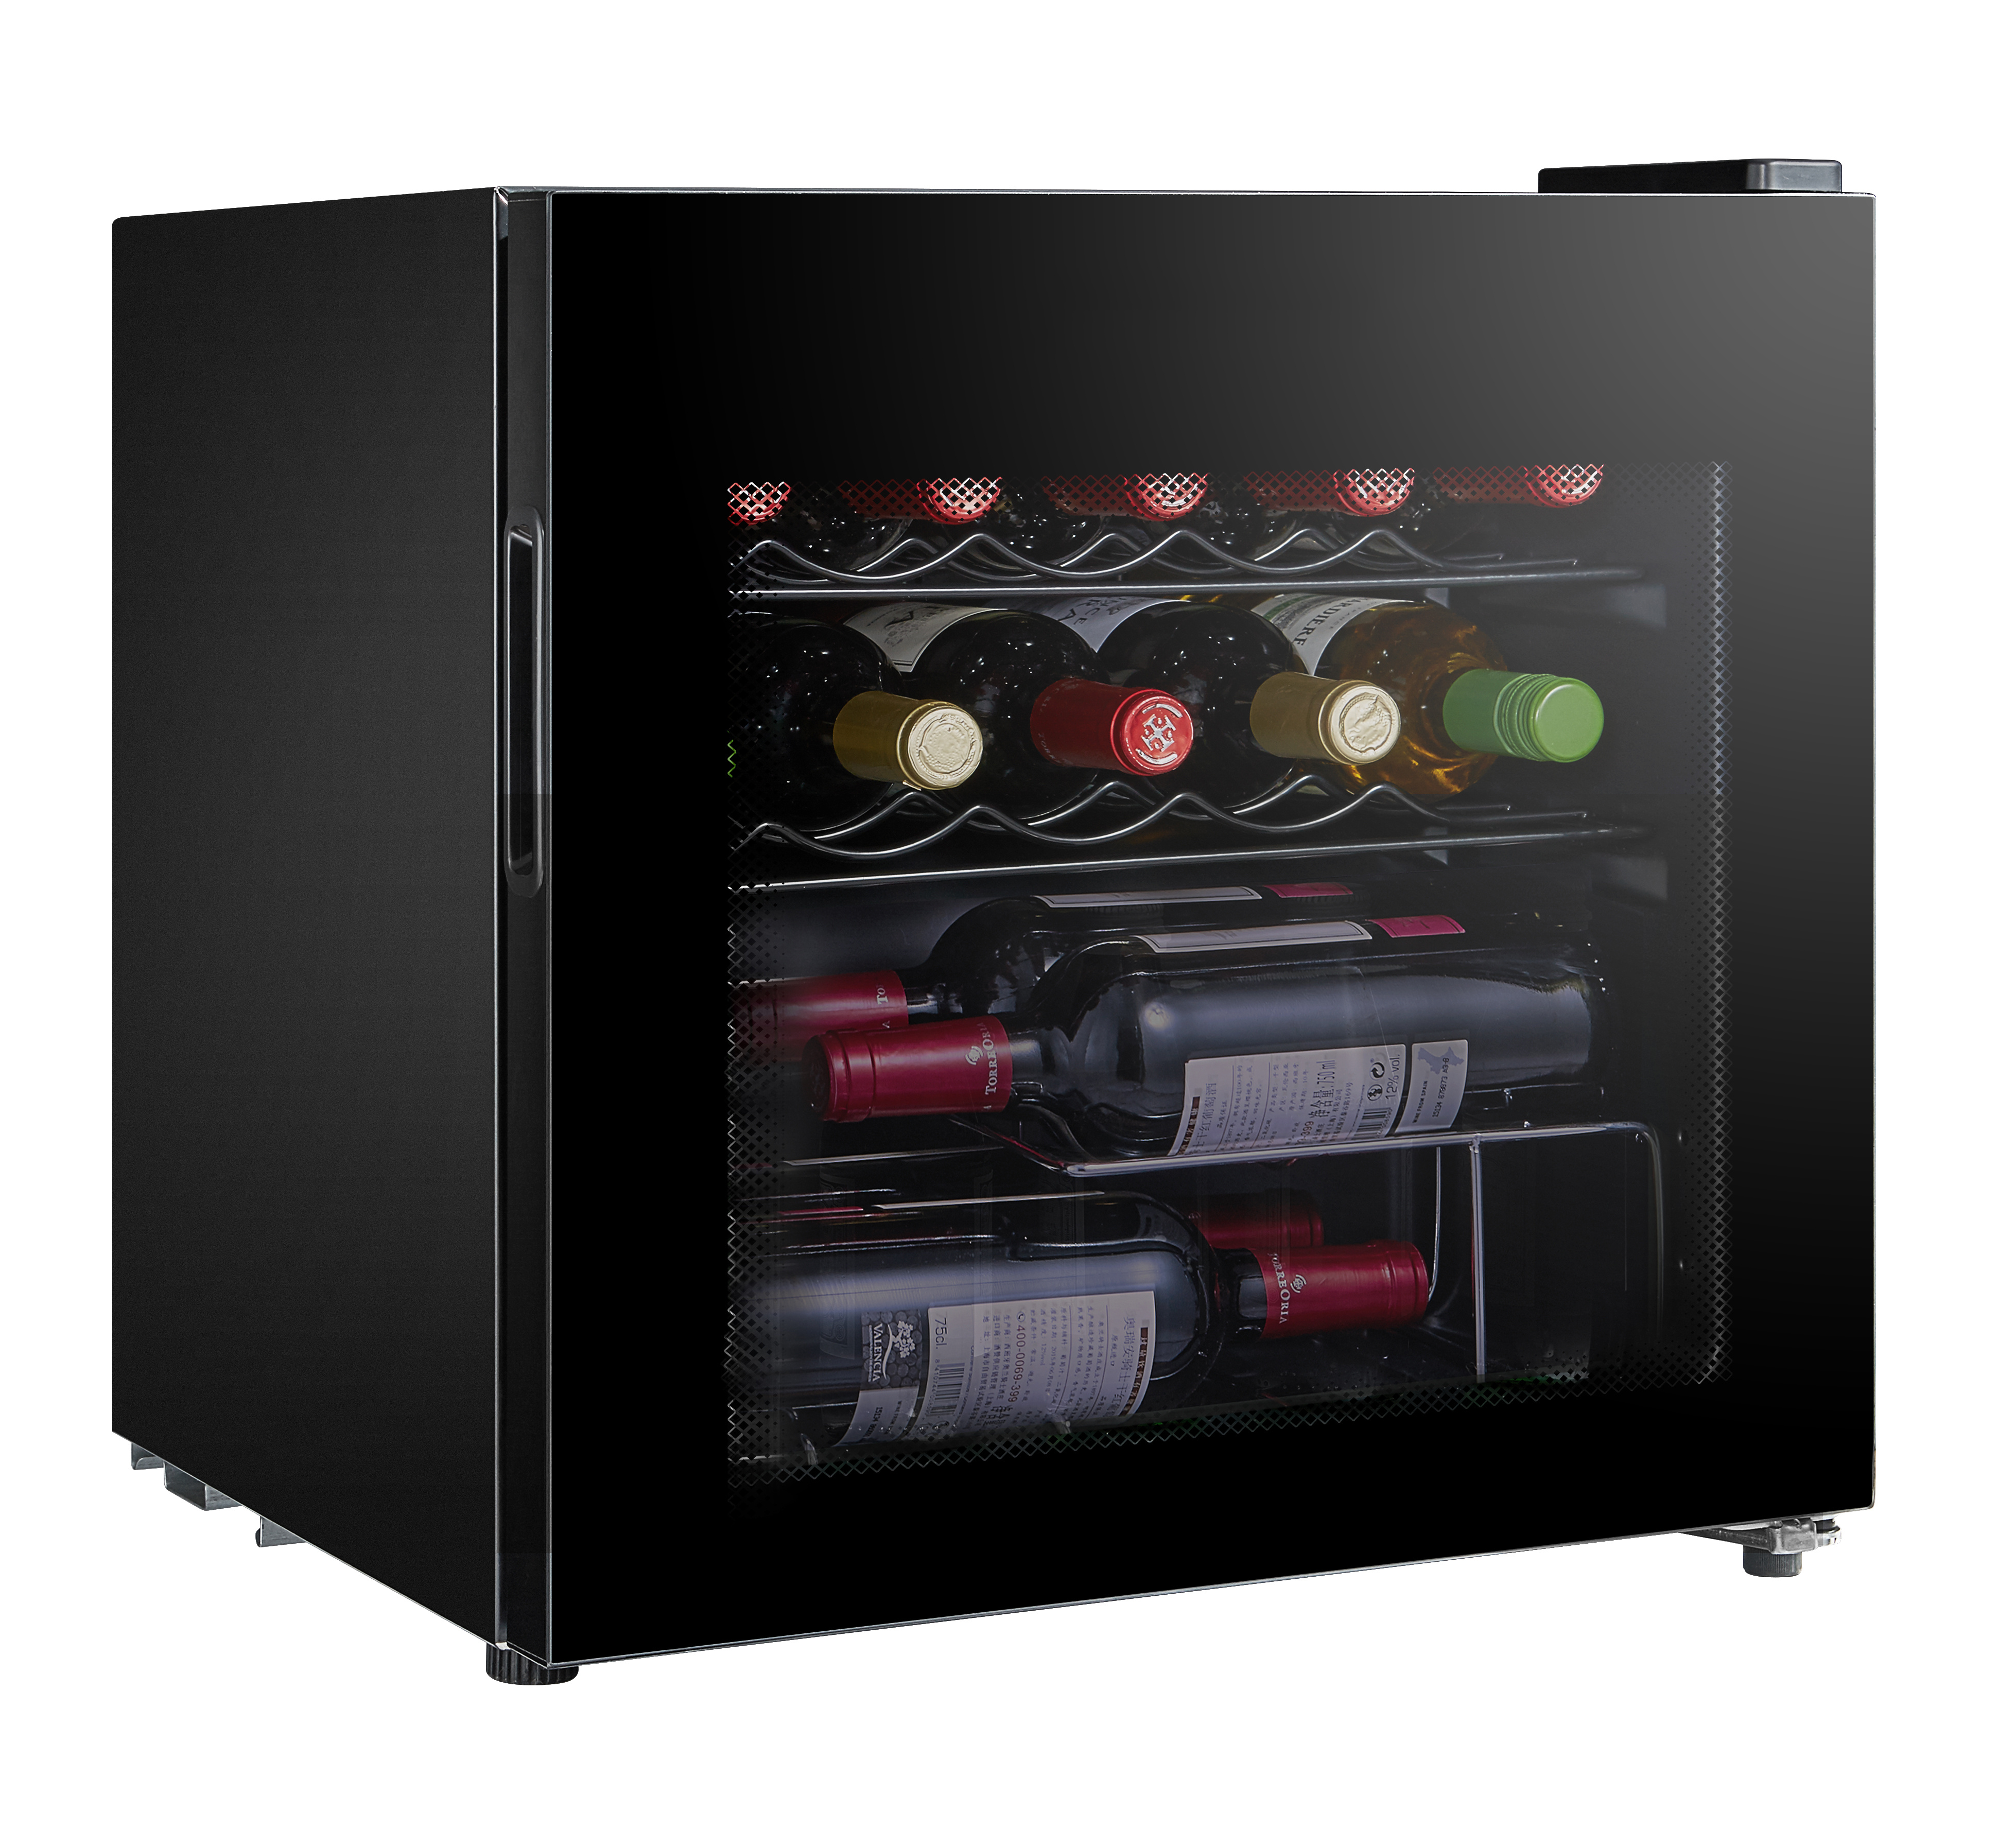 LEC DF48B 444410145 Table Top Wine and Beer Fridge Black